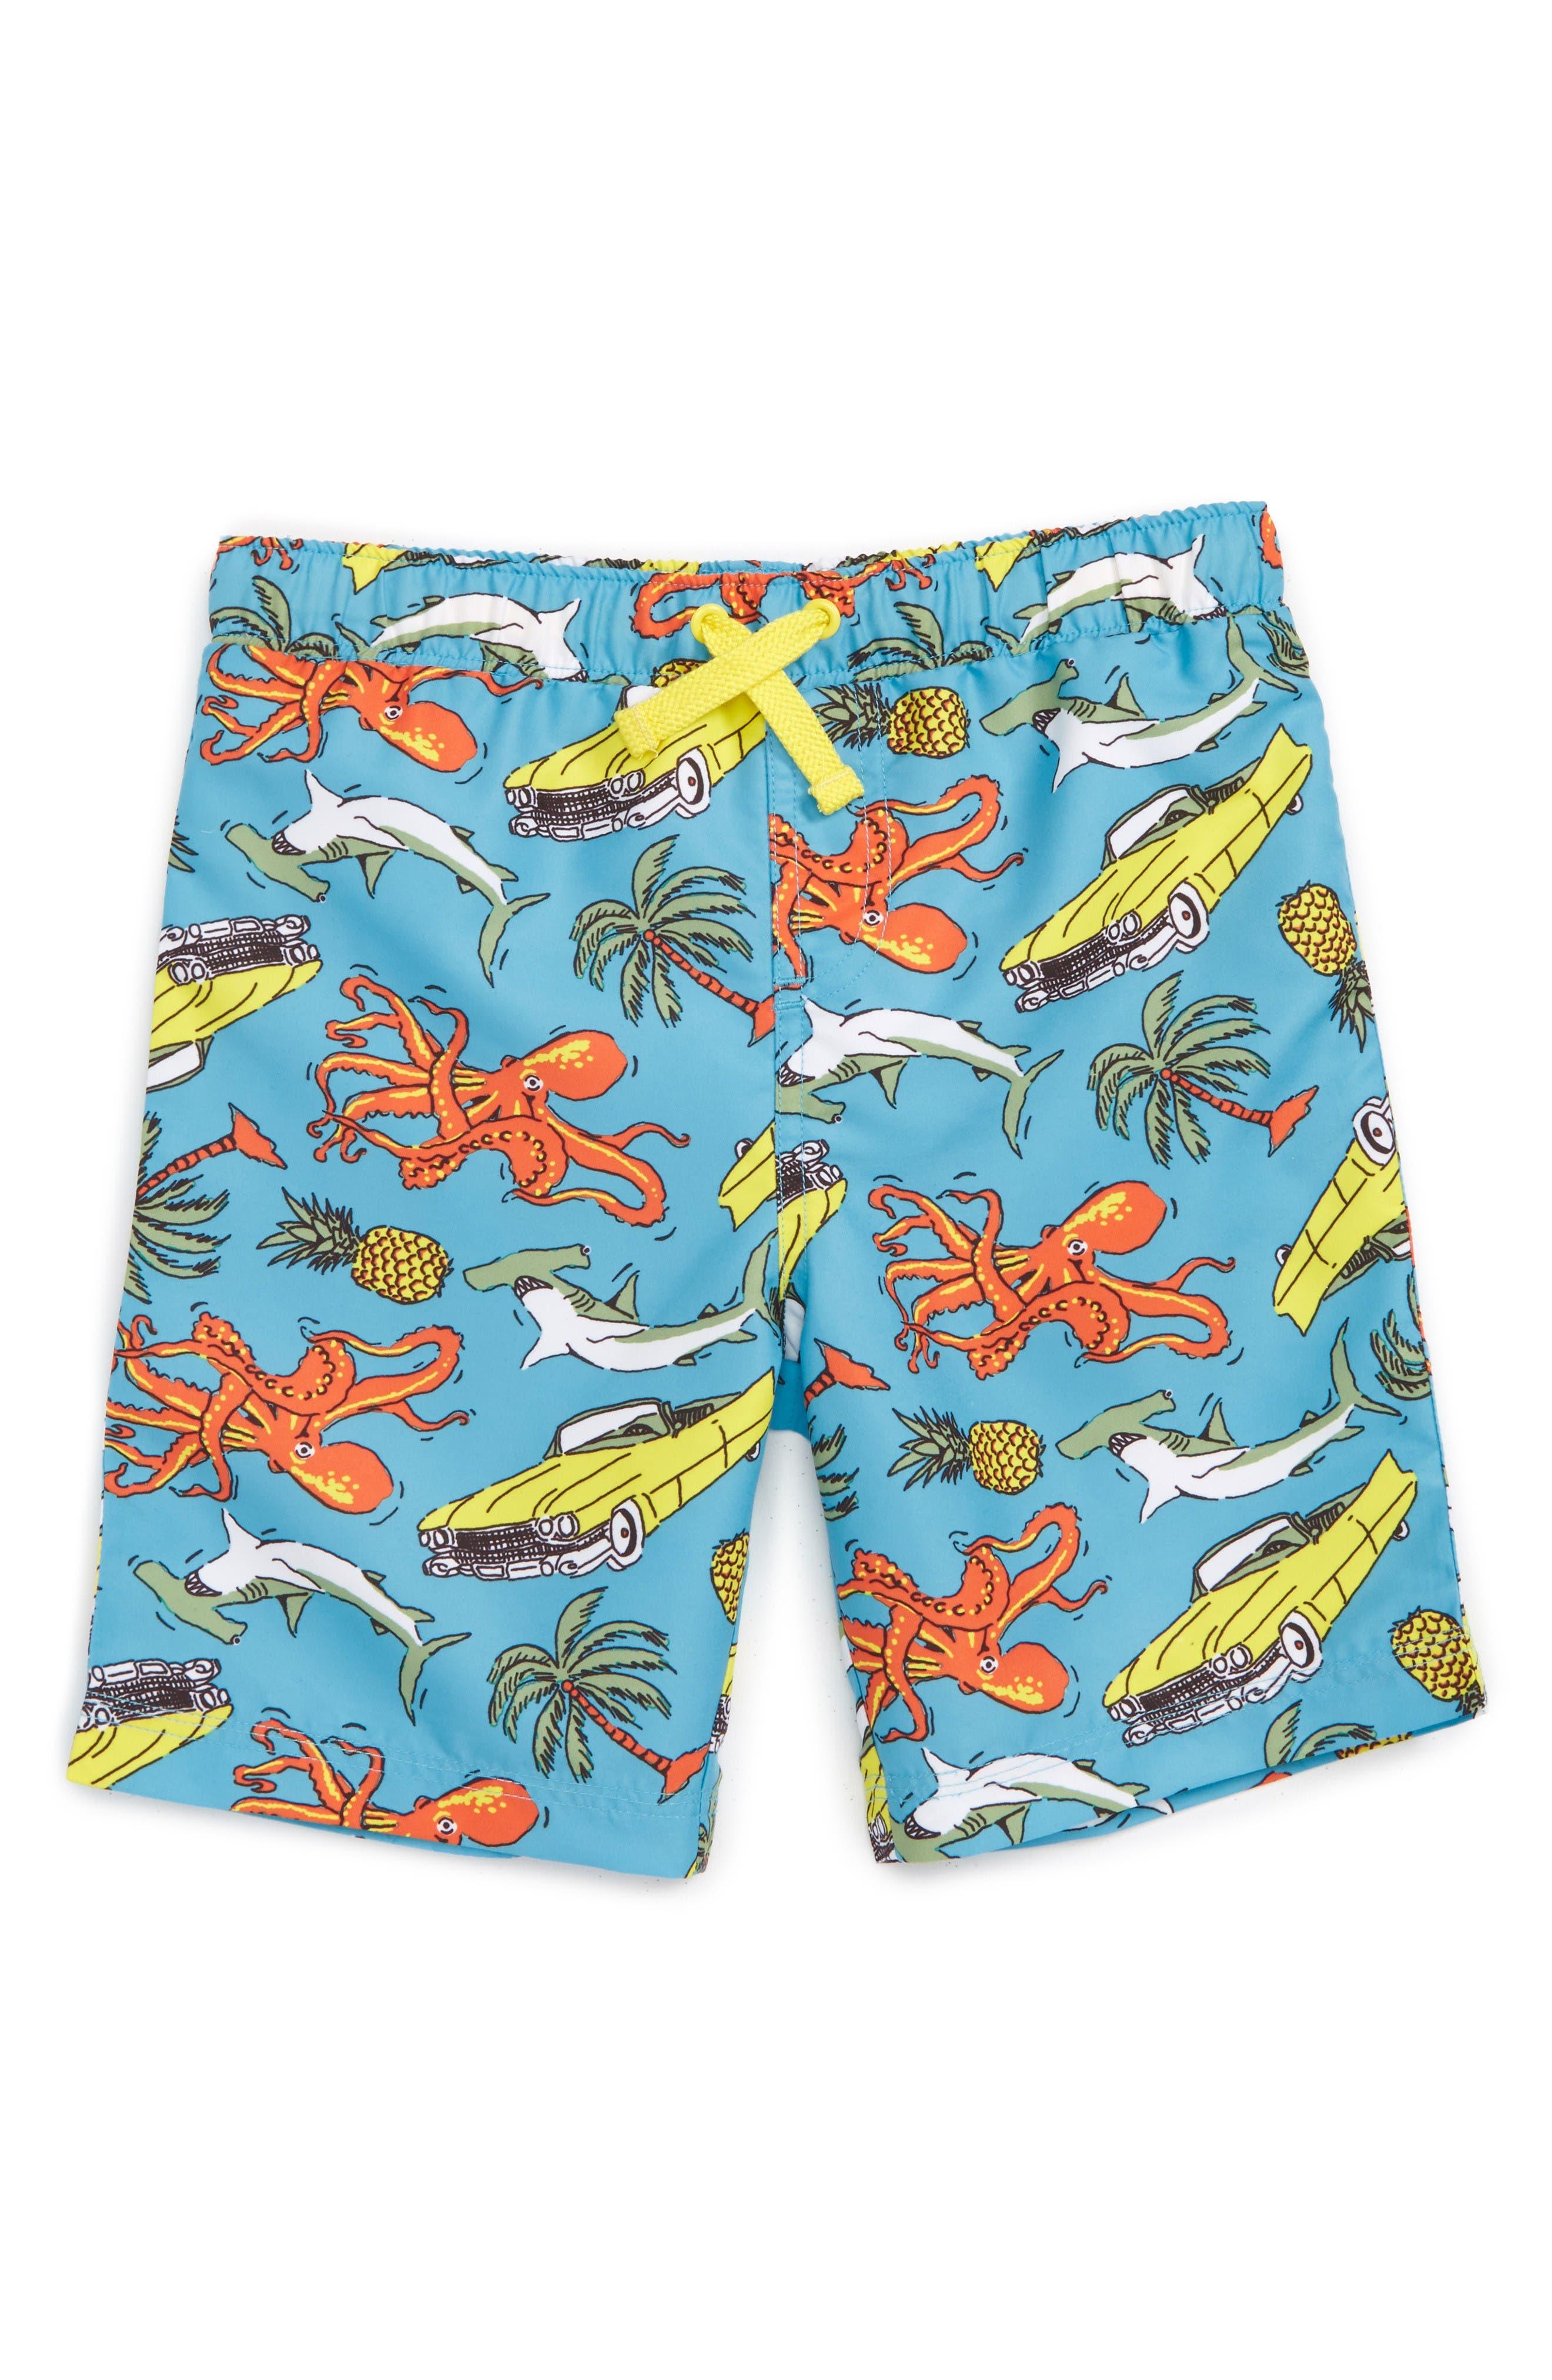 Alternate Image 1 Selected - Tucker + Tate 'Sand 'N My Trunks' Swim Trunks (Toddler Boys & Little Boys)